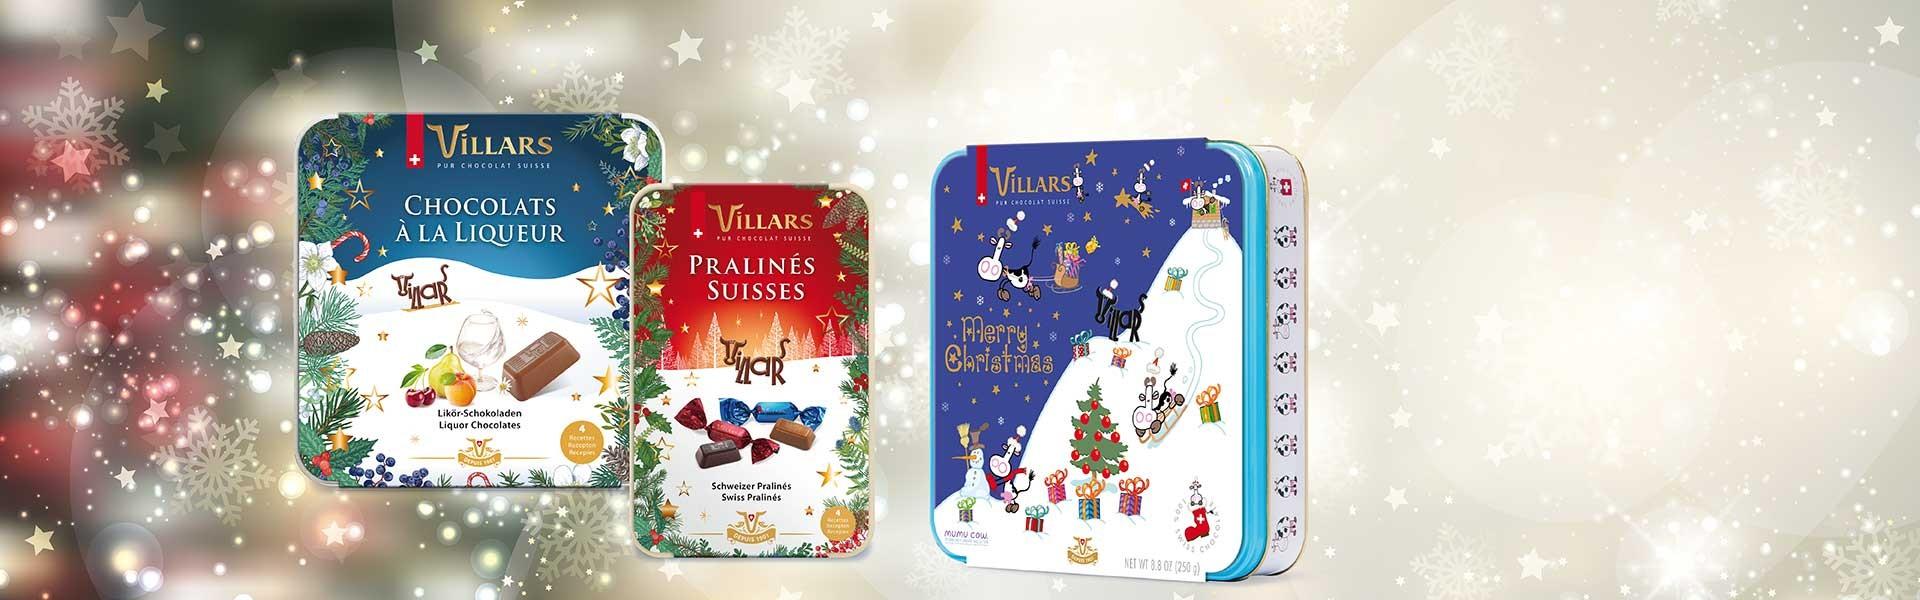 Les boites Cadeaux Villars Edition de Noël